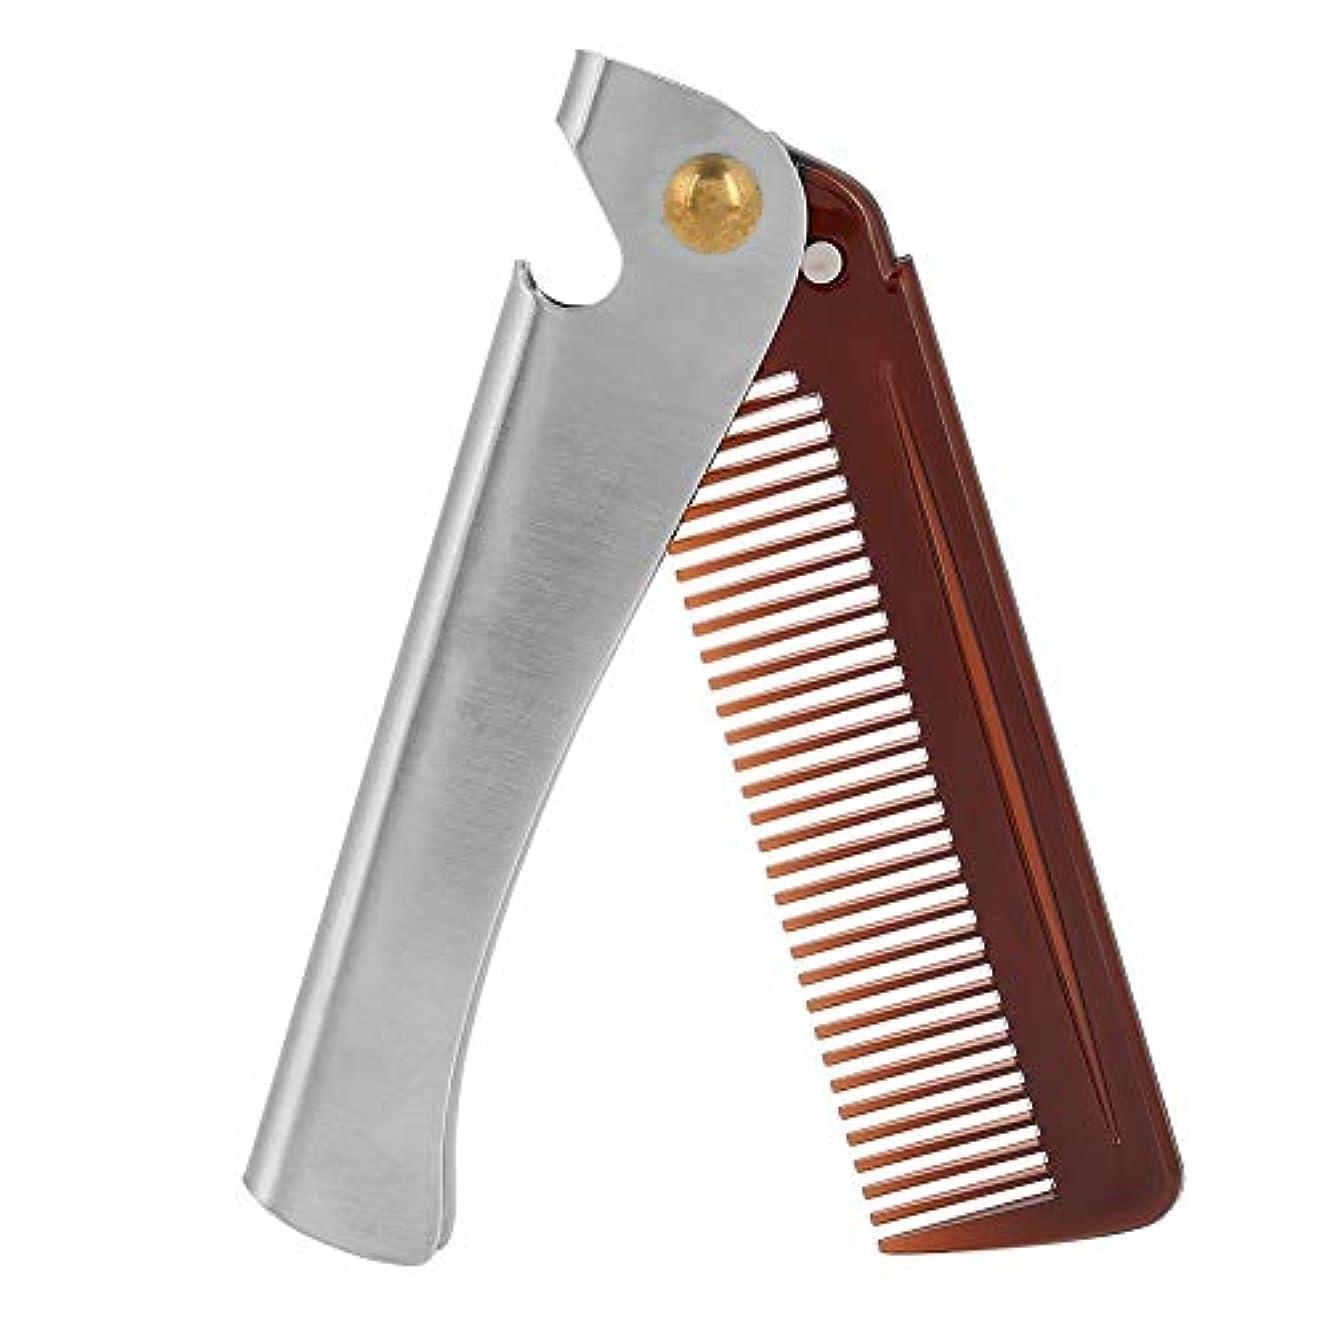 空虚作詞家ギャラントリーステンレス製のひげの櫛の携帯用ステンレス製のひげの櫛の携帯用折りたたみ口ひげ用具の栓抜き